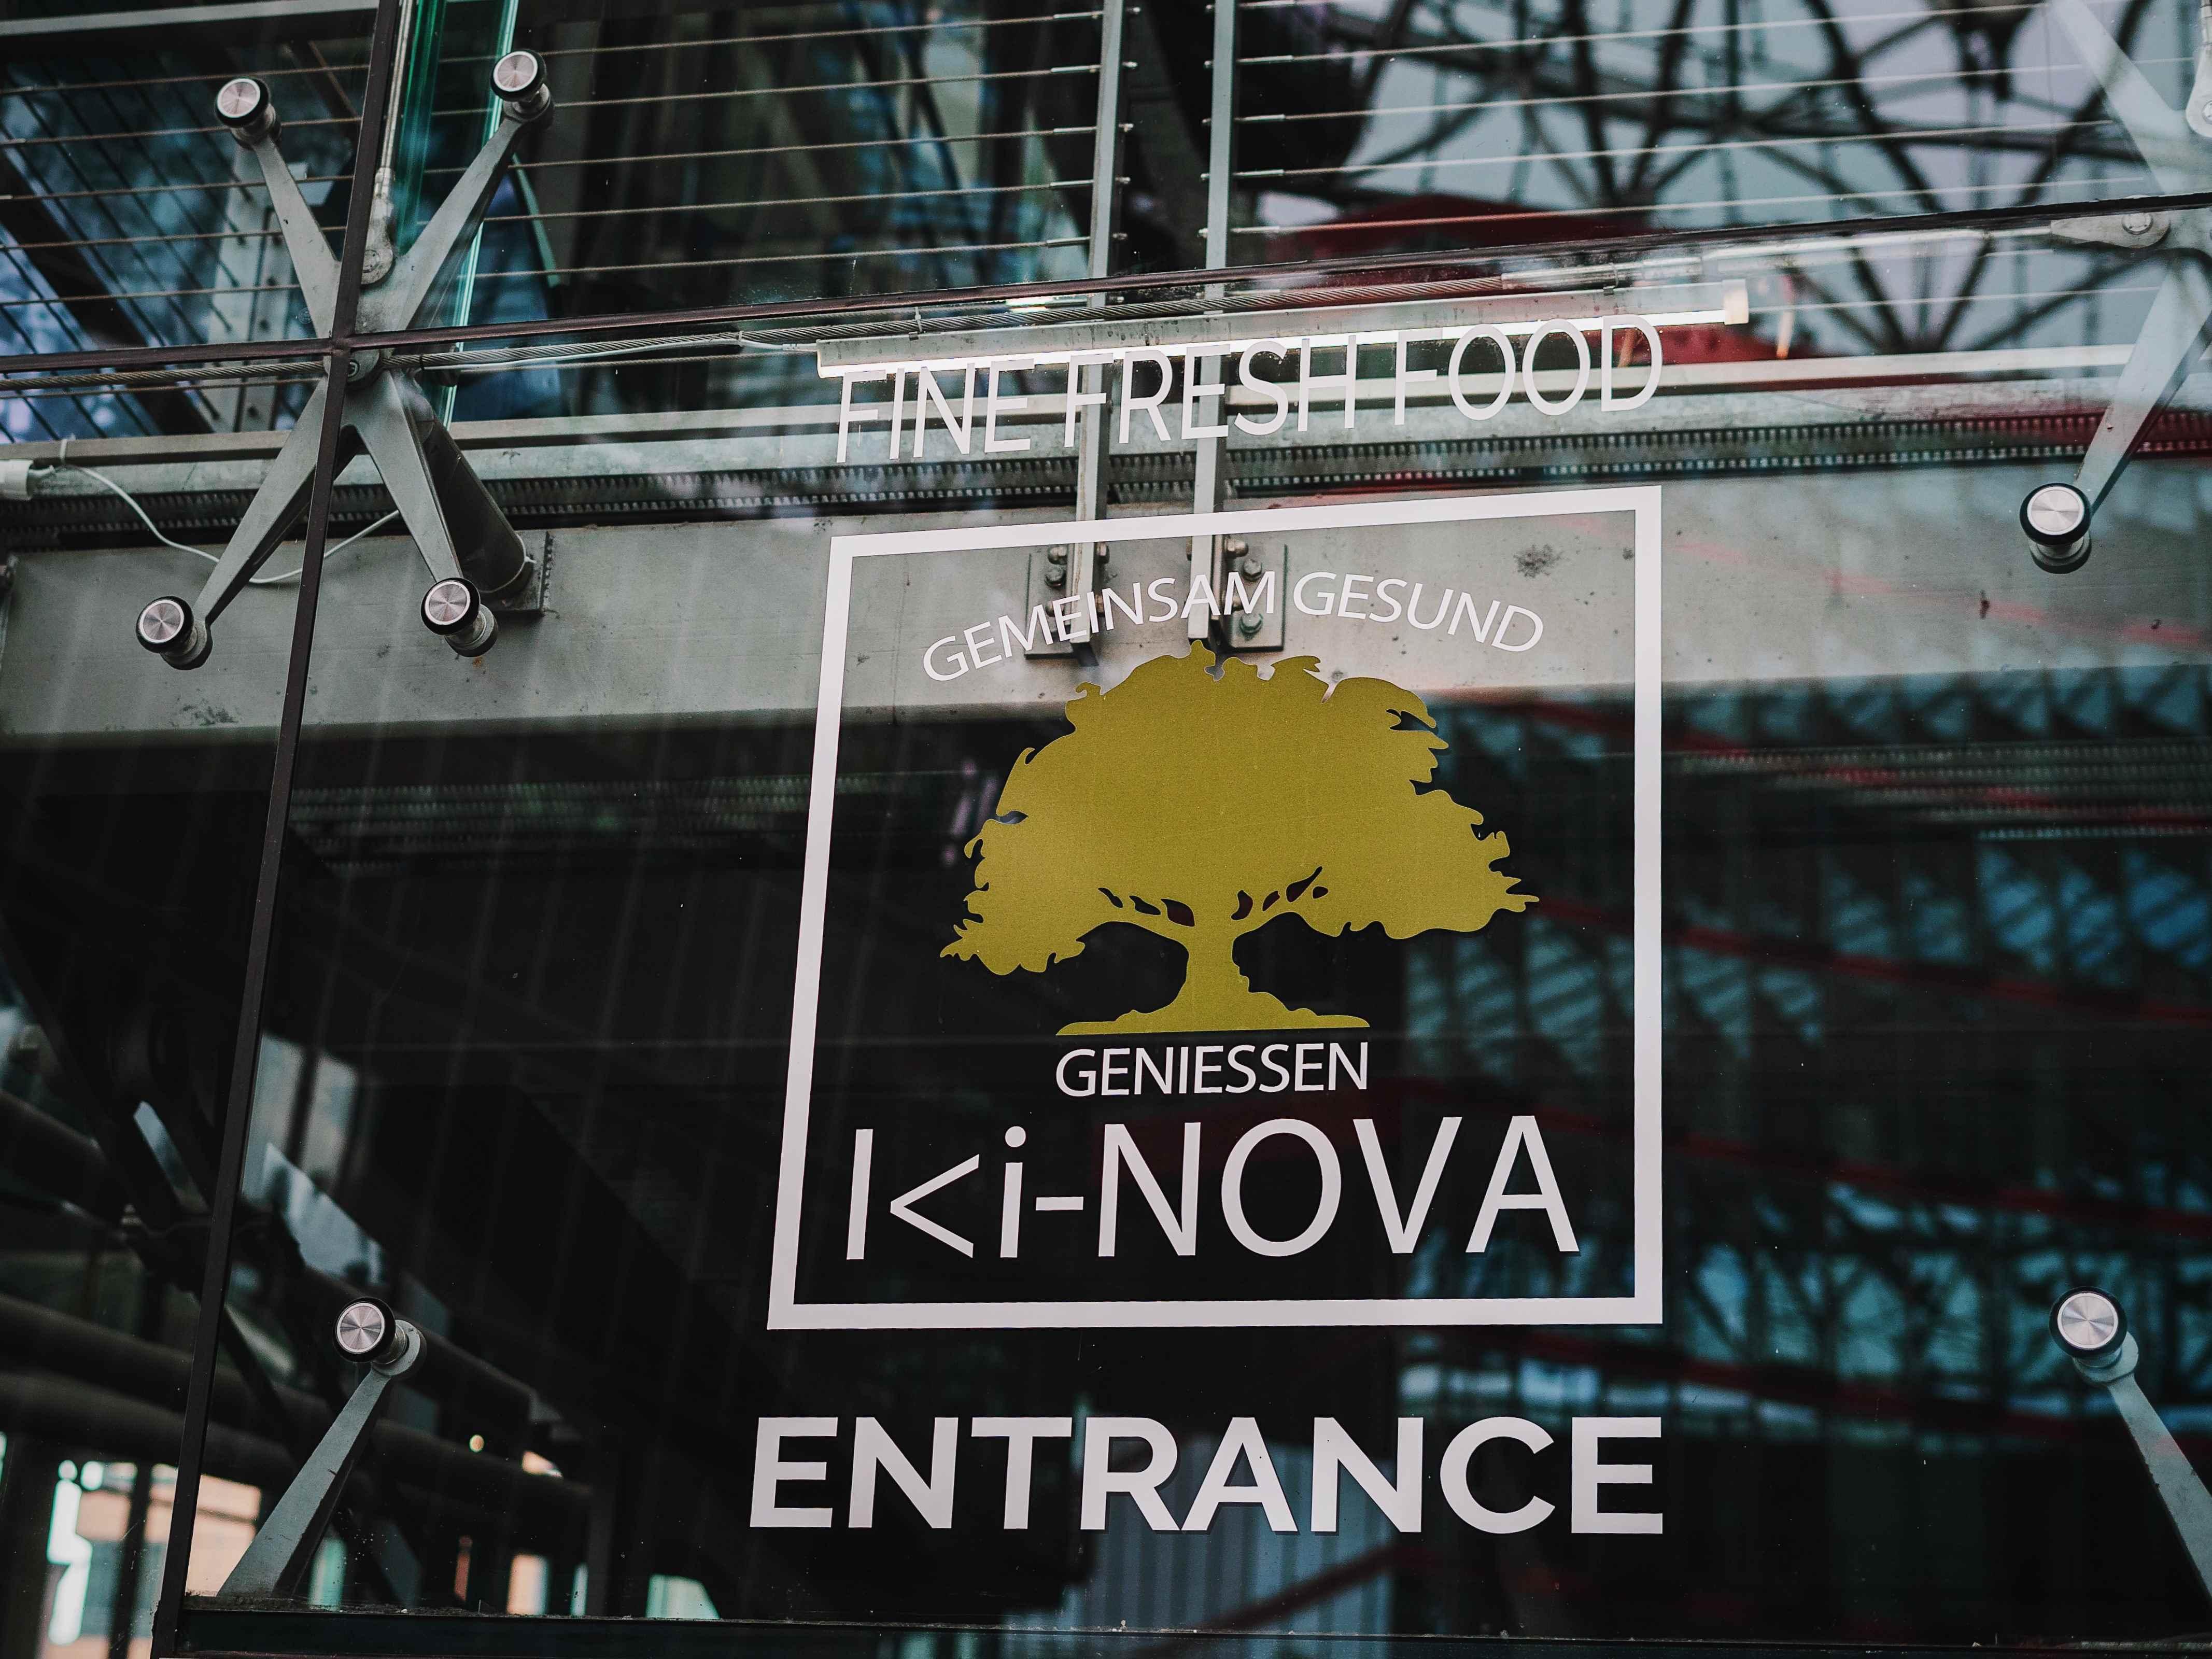 Ki-nova Restaurant  im Sony Center am Potsdamer Platz